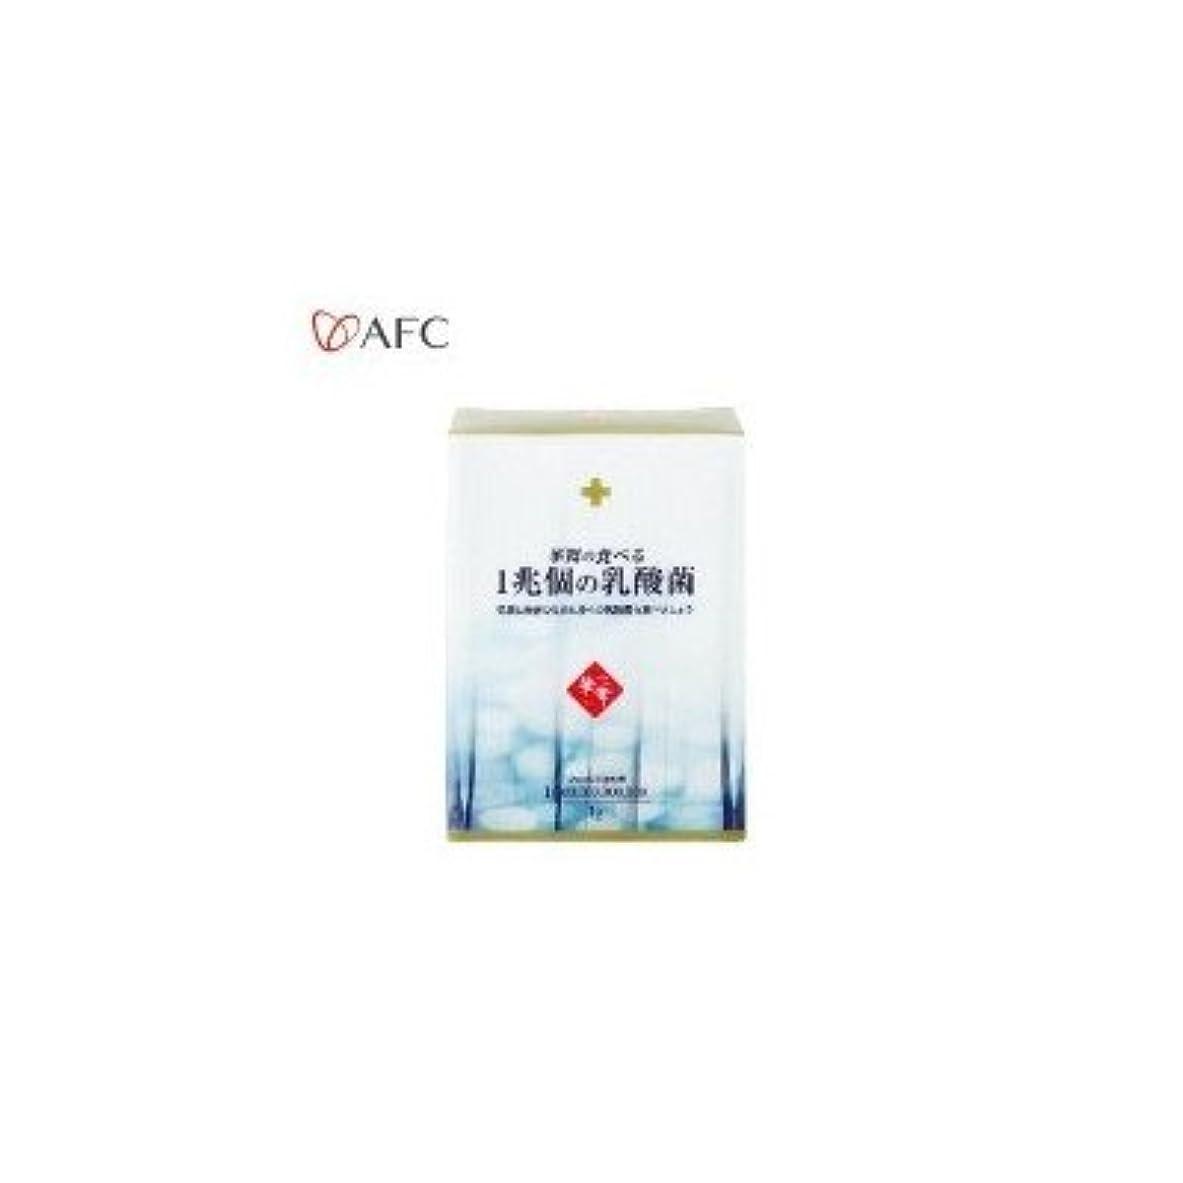 拍車によると障害者AFC 華舞シリーズ 華舞の1兆個の乳酸菌 スティックタイプ 30g(1g×30本) 3222 爽やかなヨーグルト 持ち運びにも便利なスティックタイプ